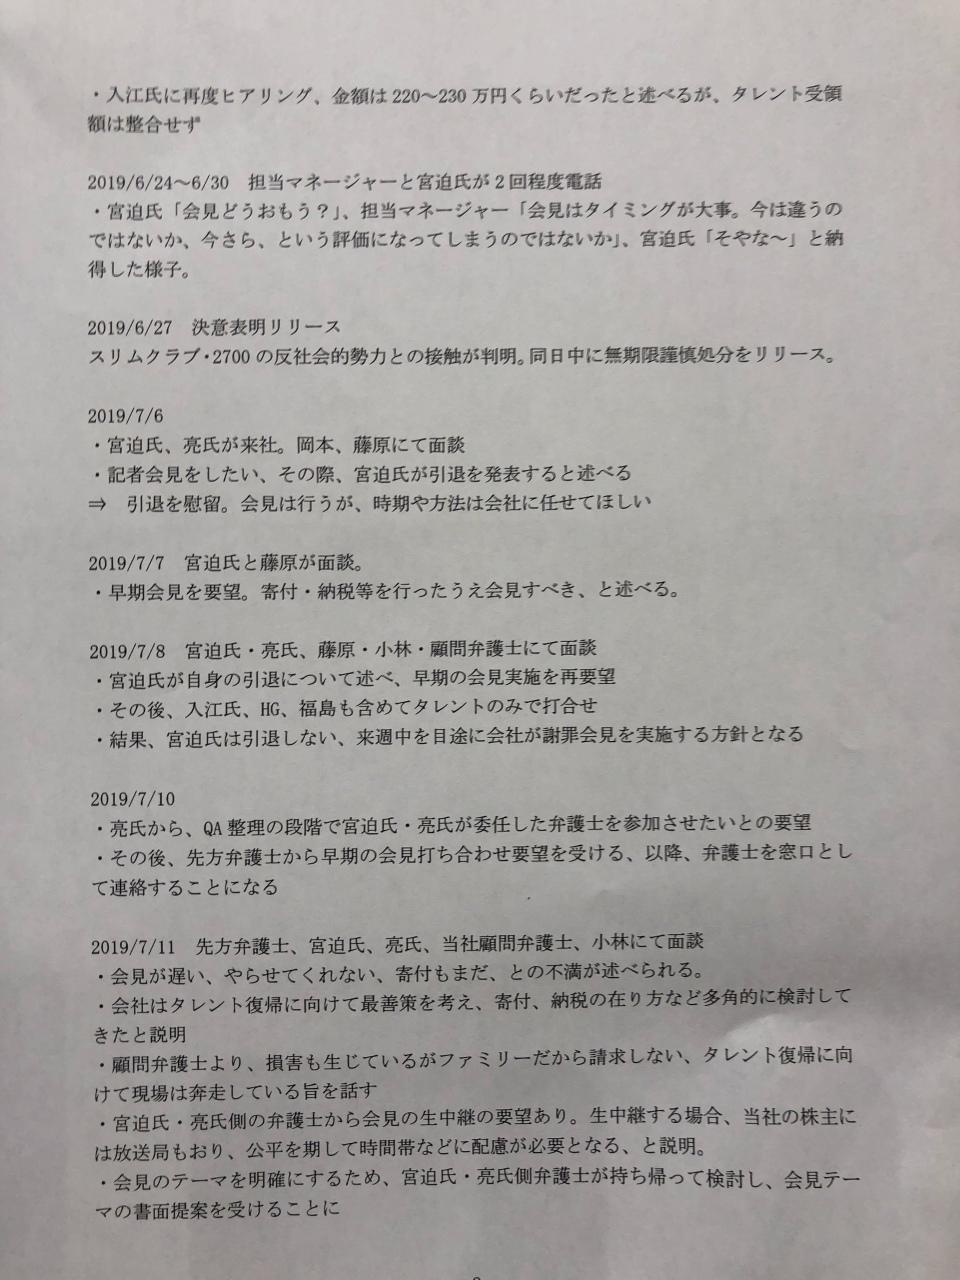 会見資料2